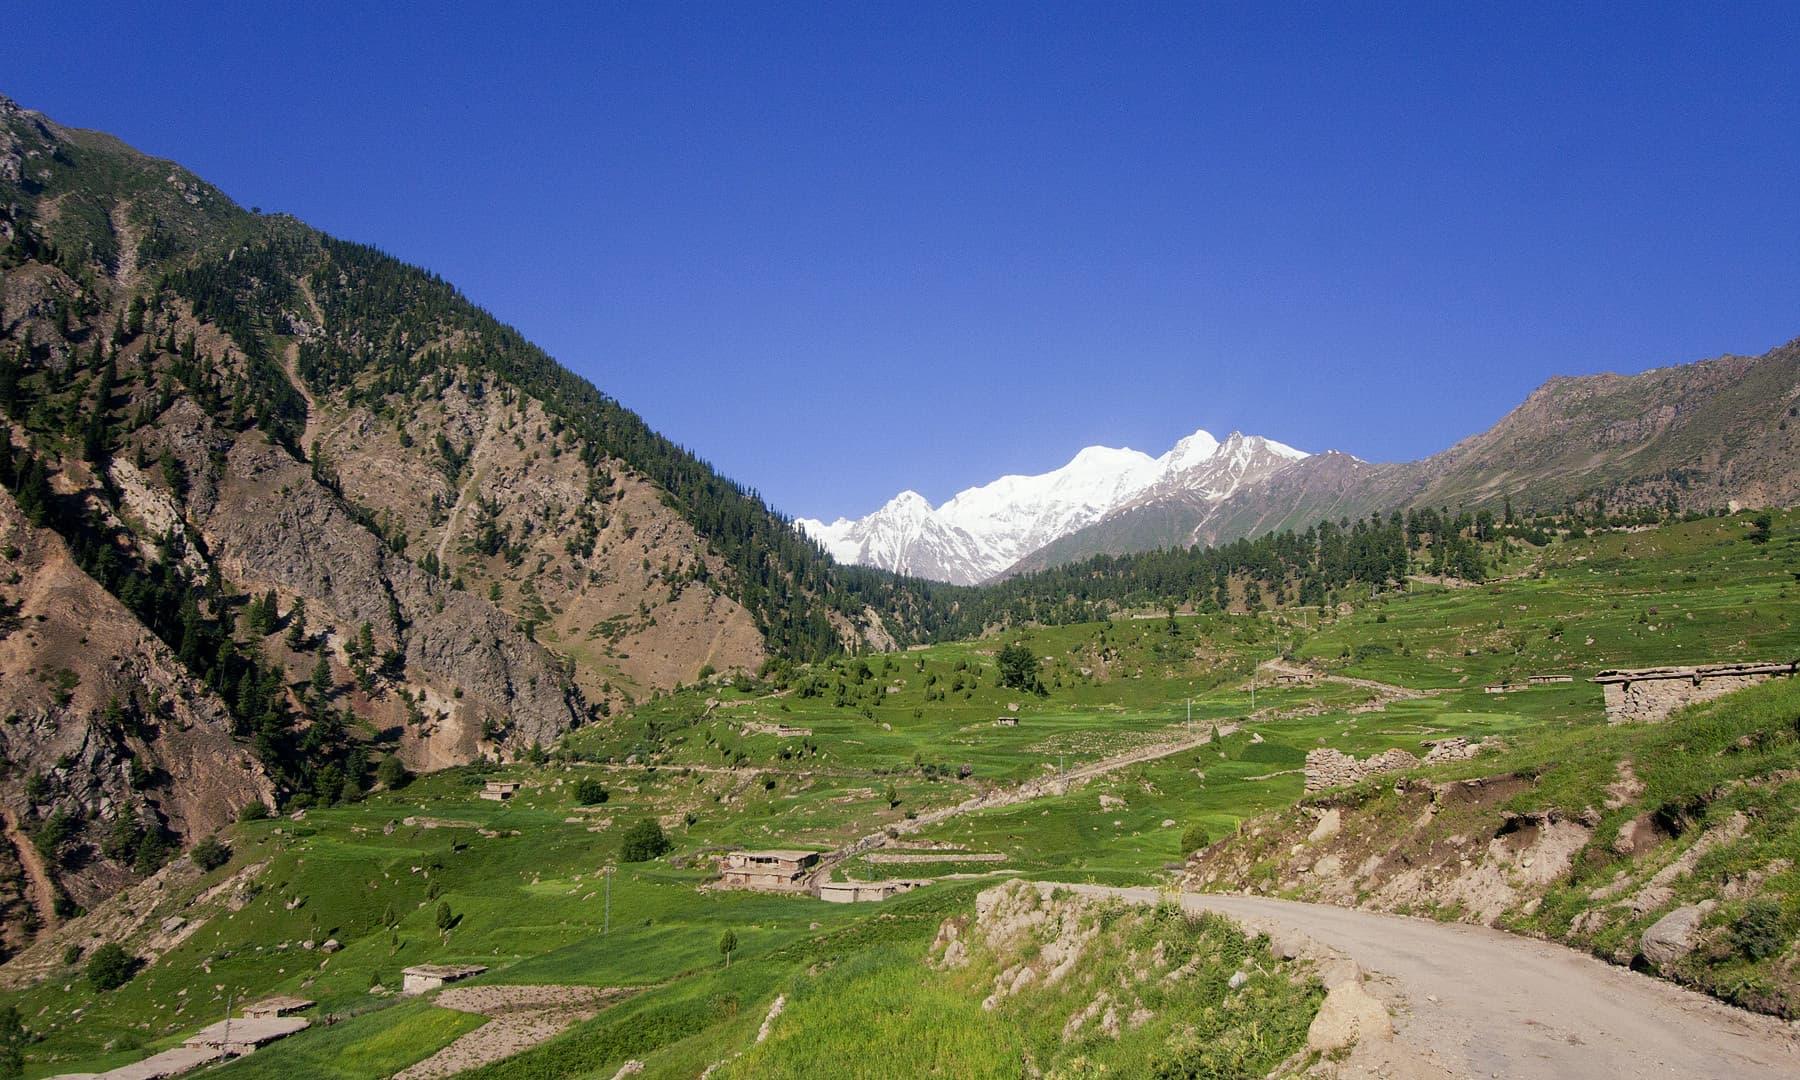 راما گاؤں اور نانگا پربت — فوٹو سید مہدی بخاری